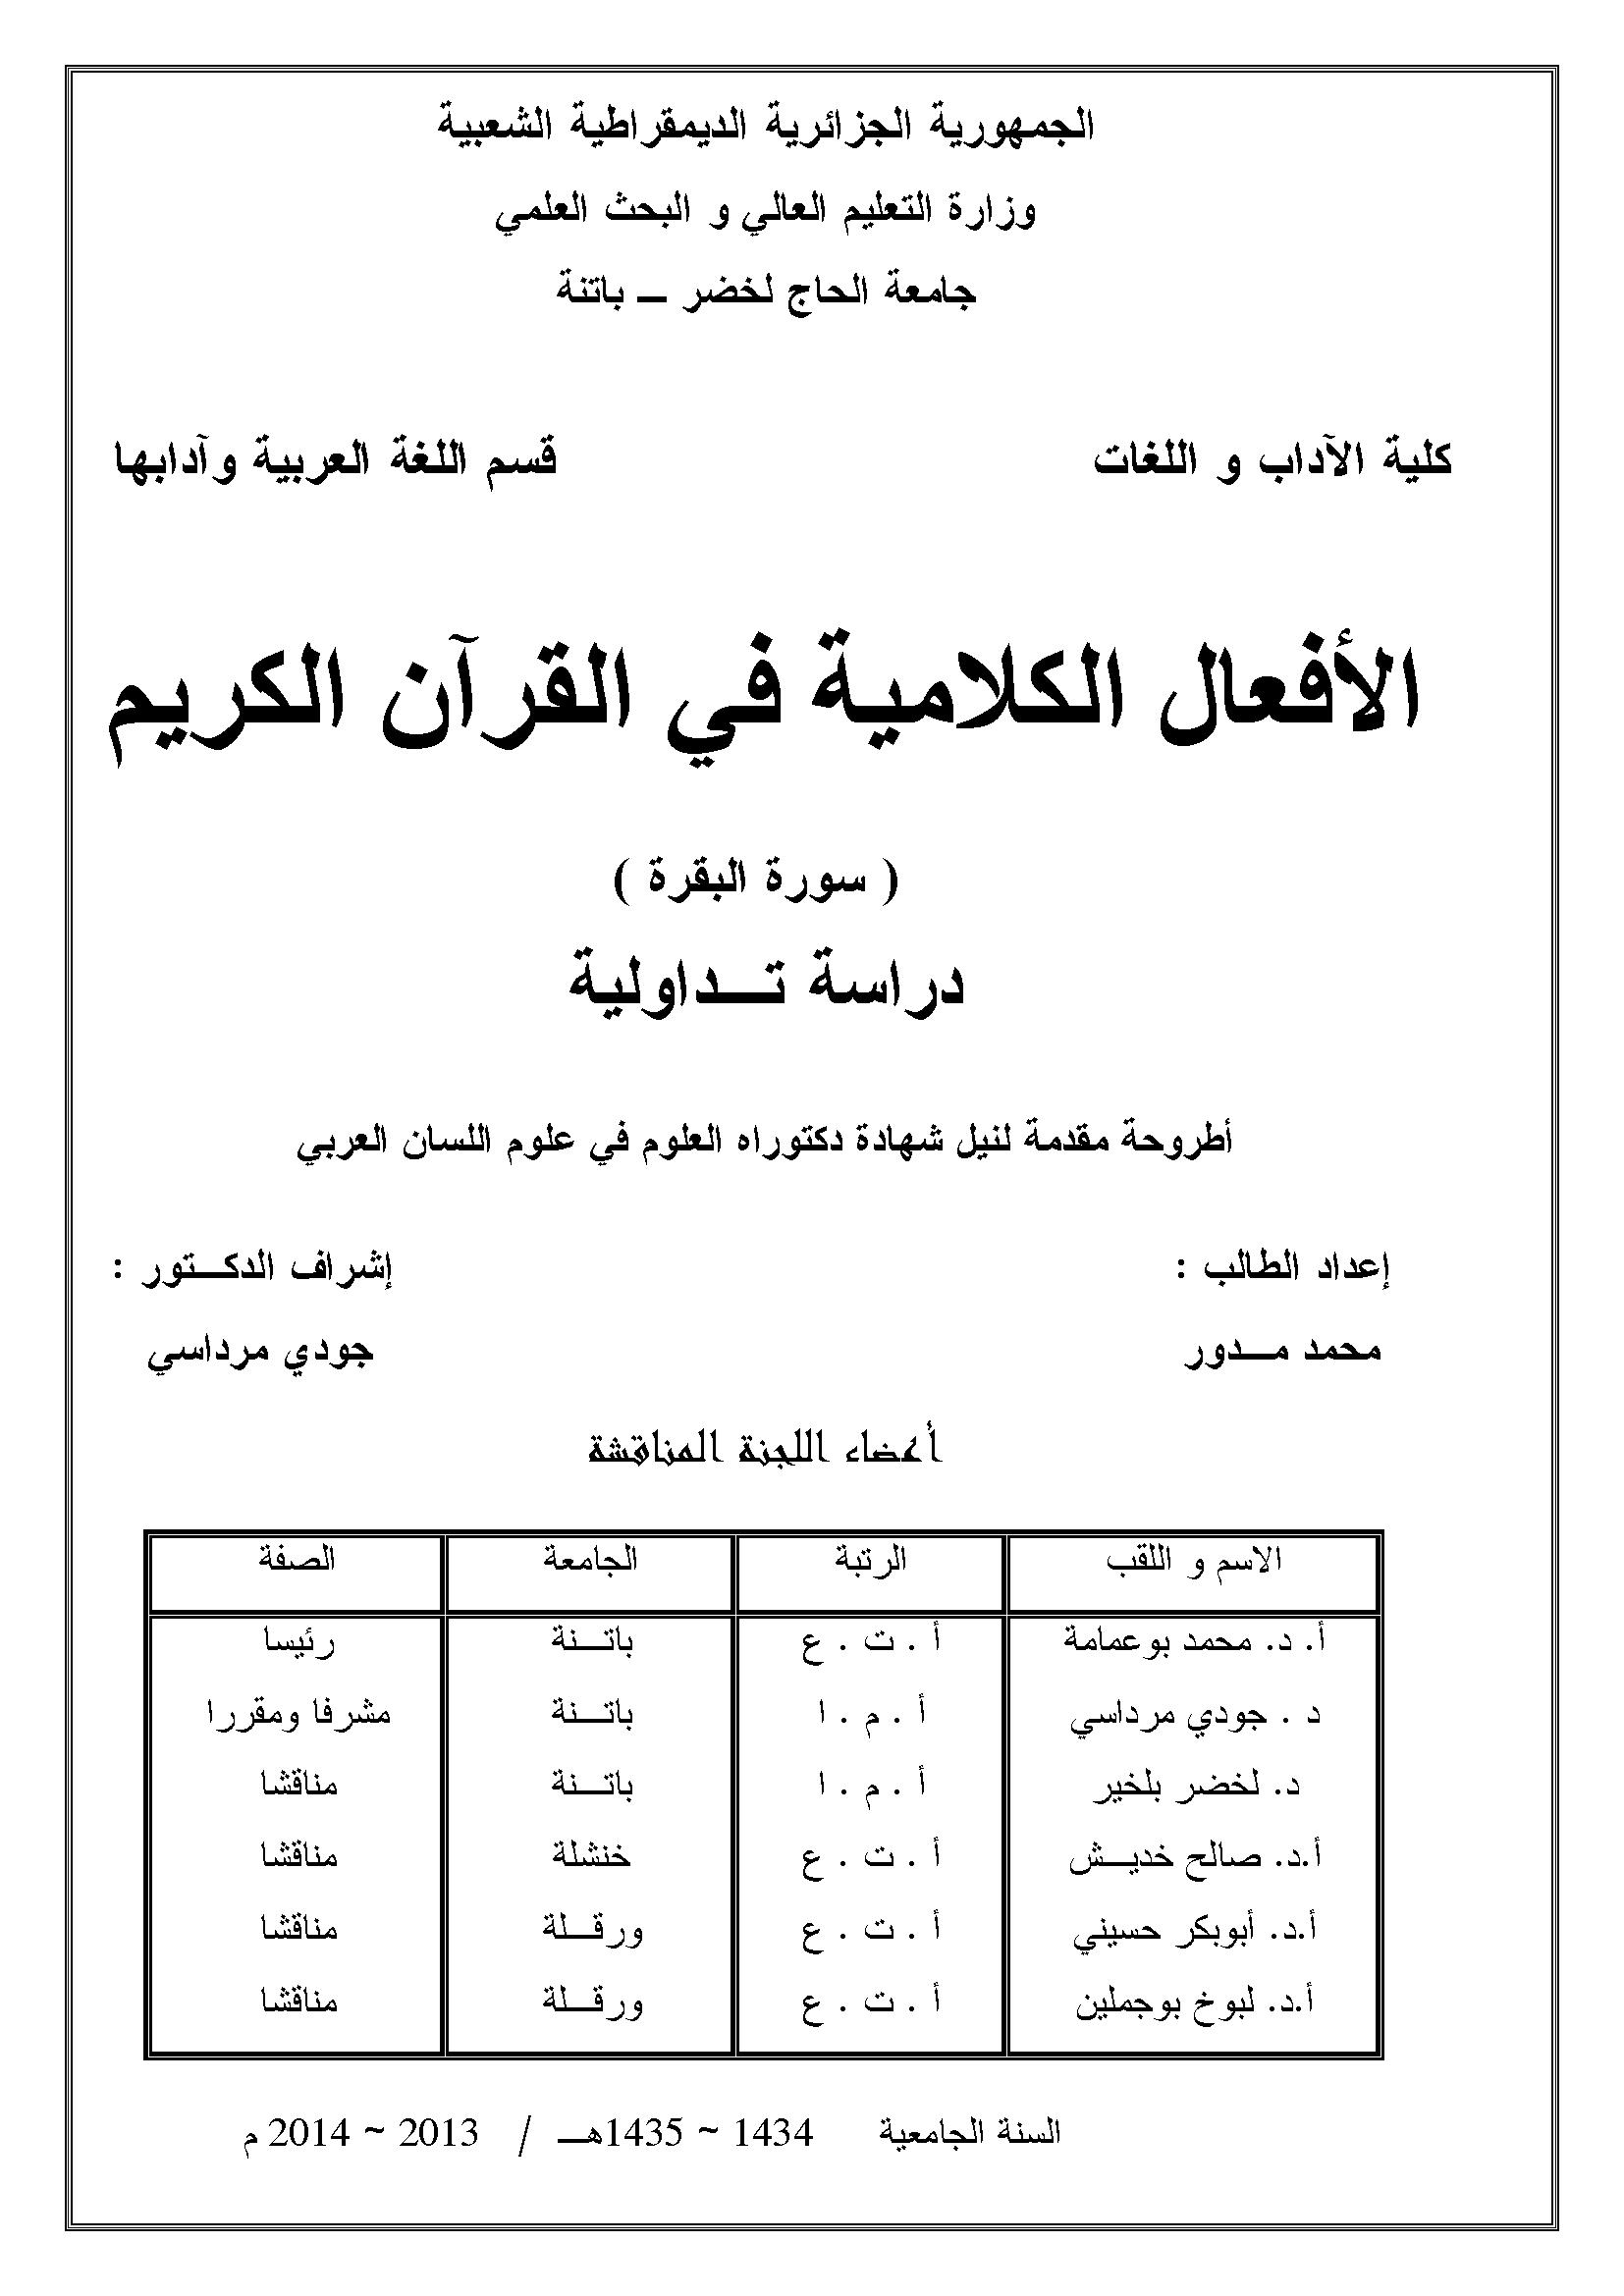 الأفعال الكلامية في القرآن الكريم سورة البقرة (دراسة تداولية) - محمد مدور